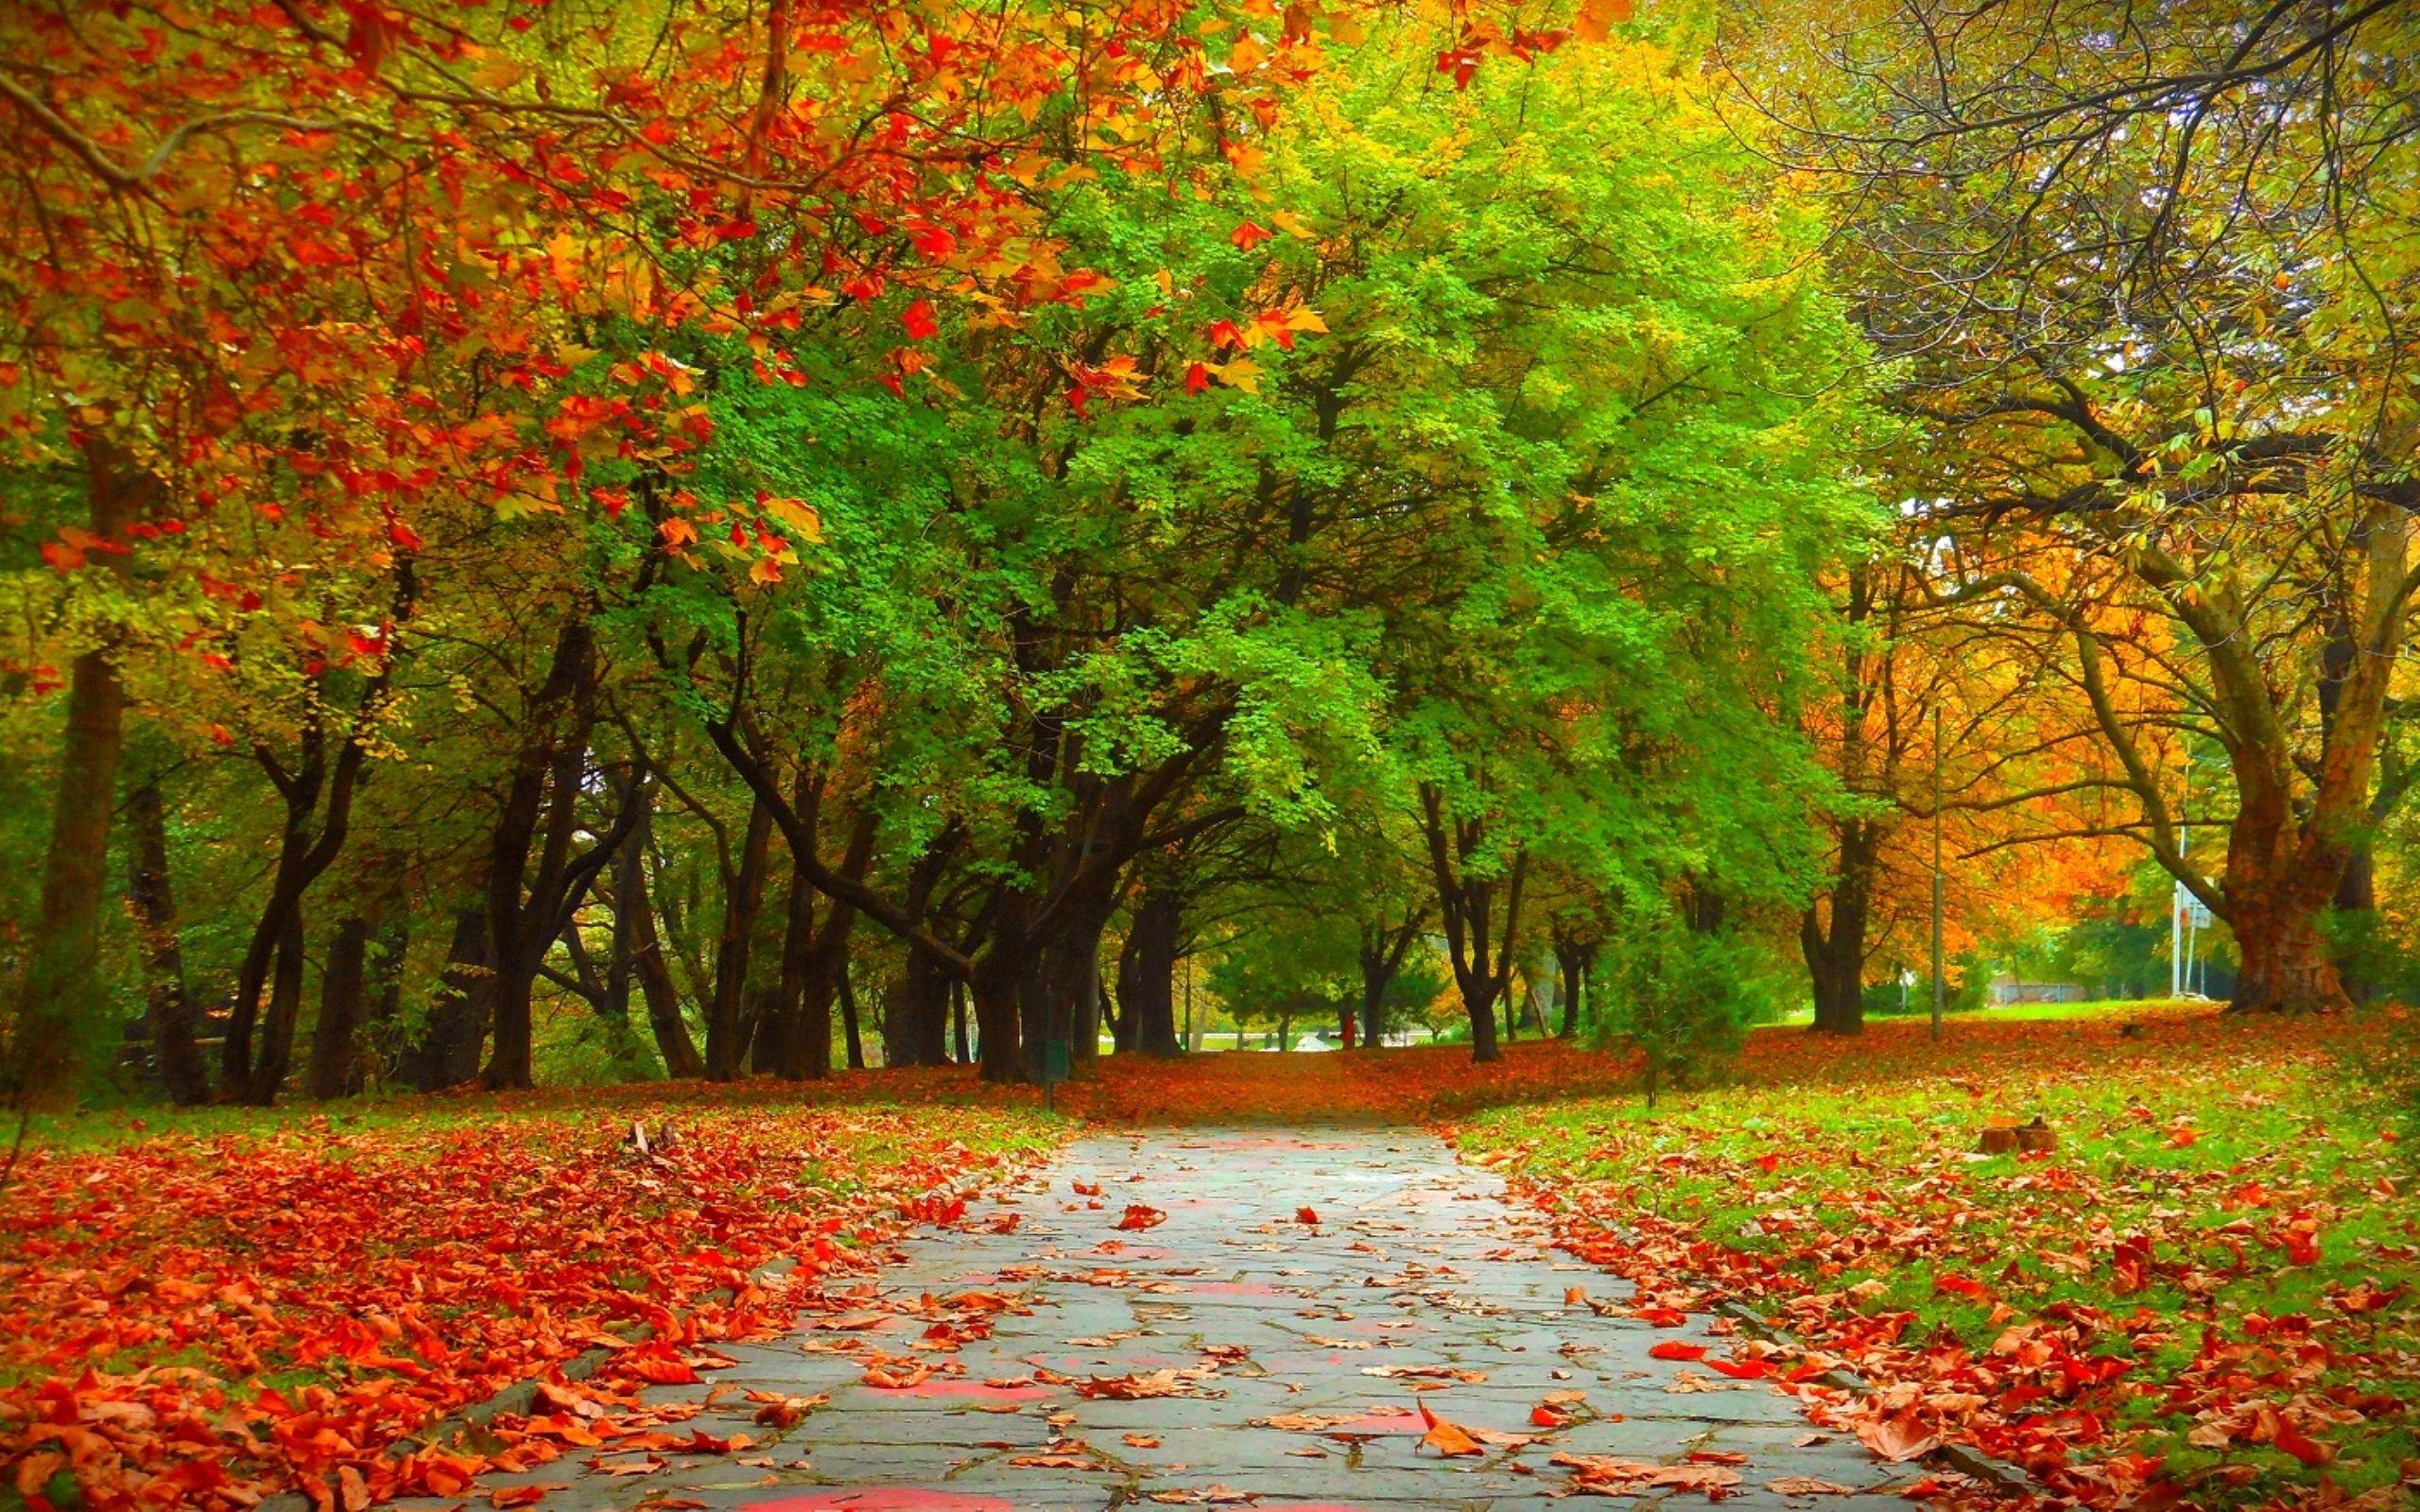 Autumn trees wallpaper | Nature | Pinterest | Autumn trees, Autumn ...